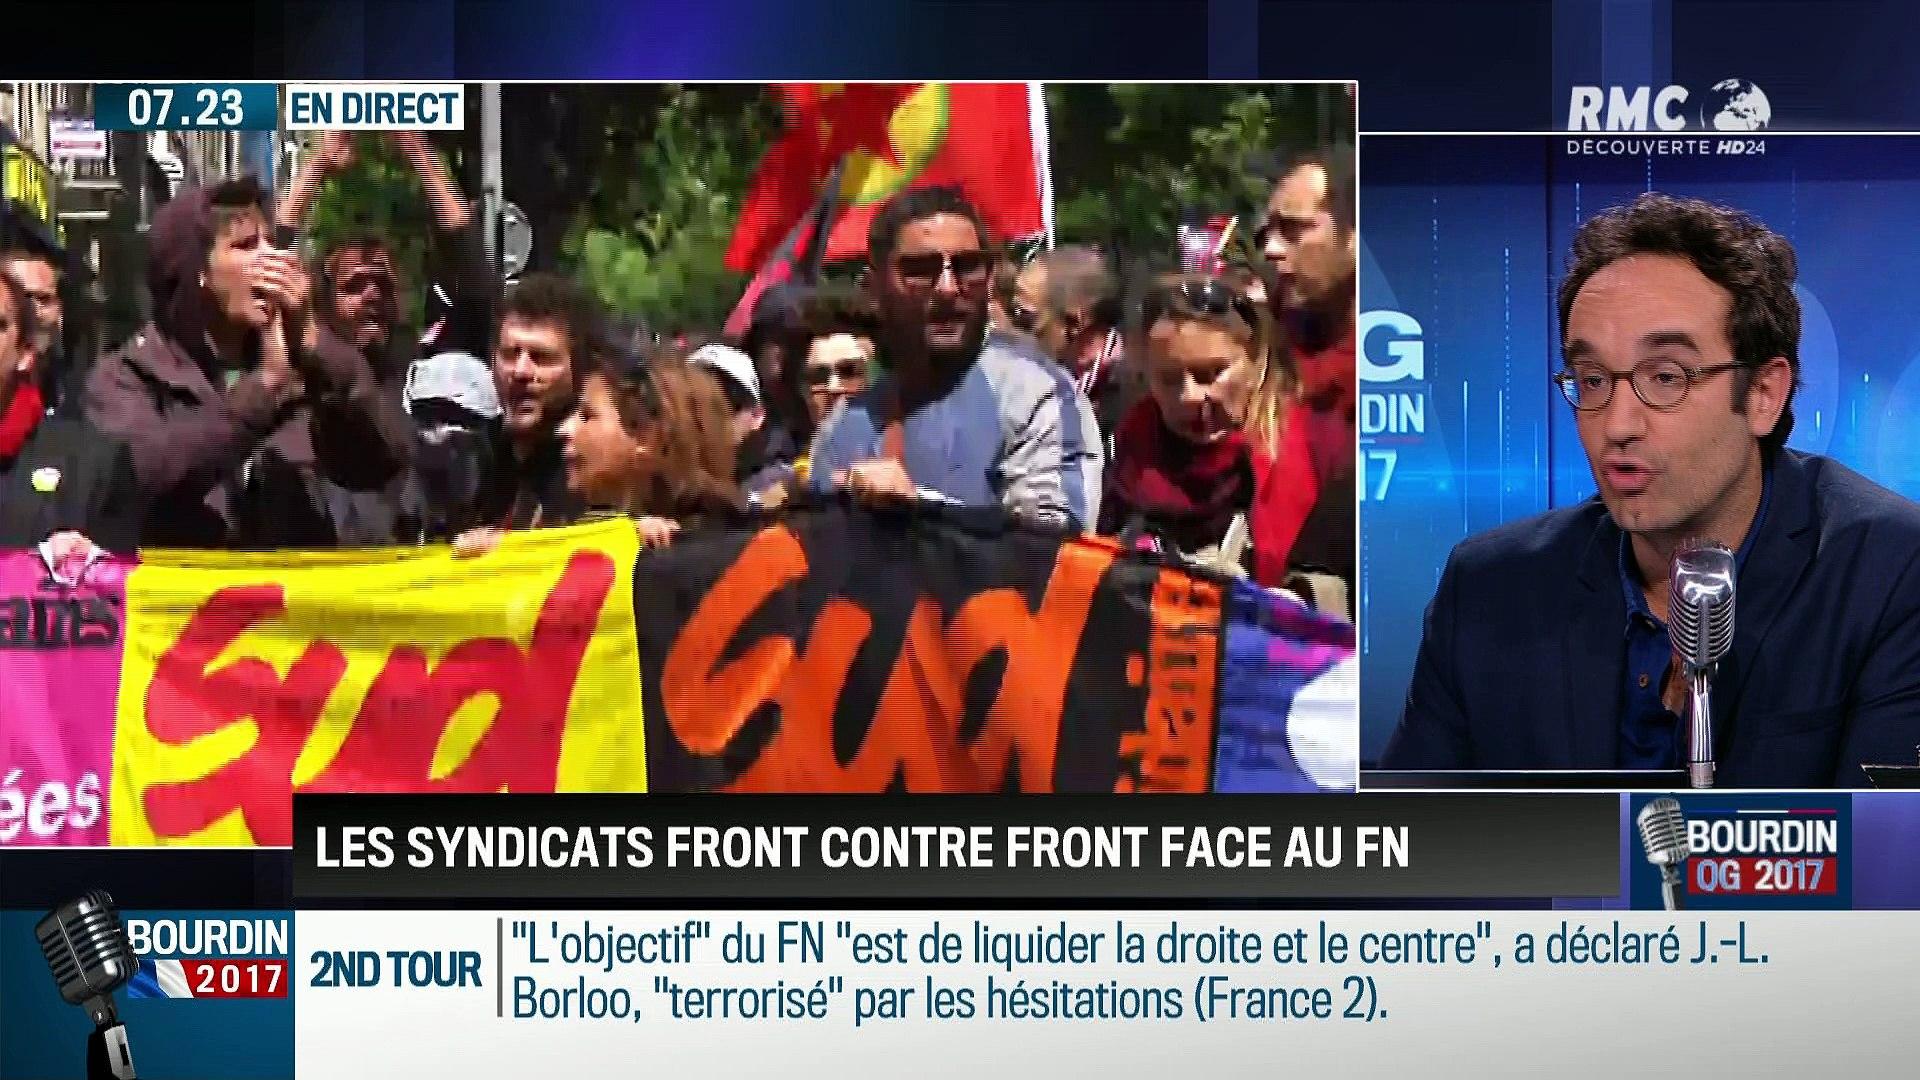 QG Bourdin 2017 : Les syndicats front contre front face au FN - 01/05